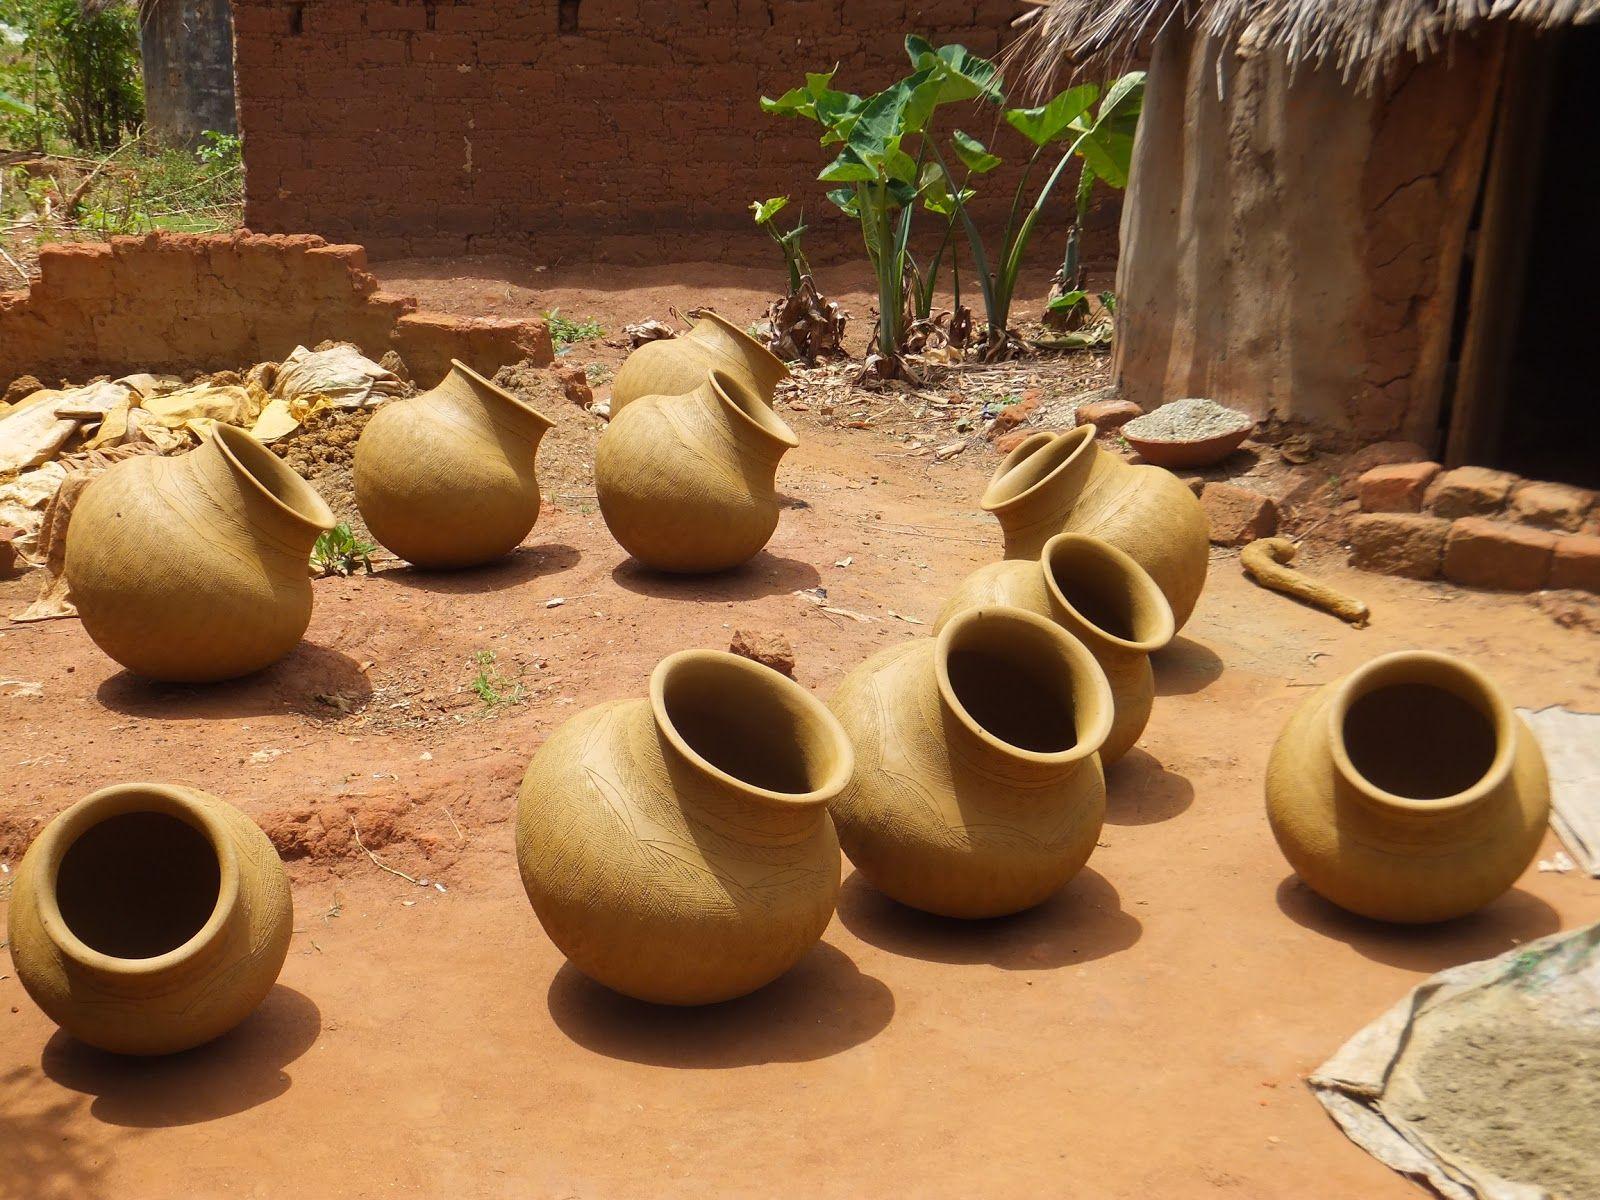 pottery in Uganda